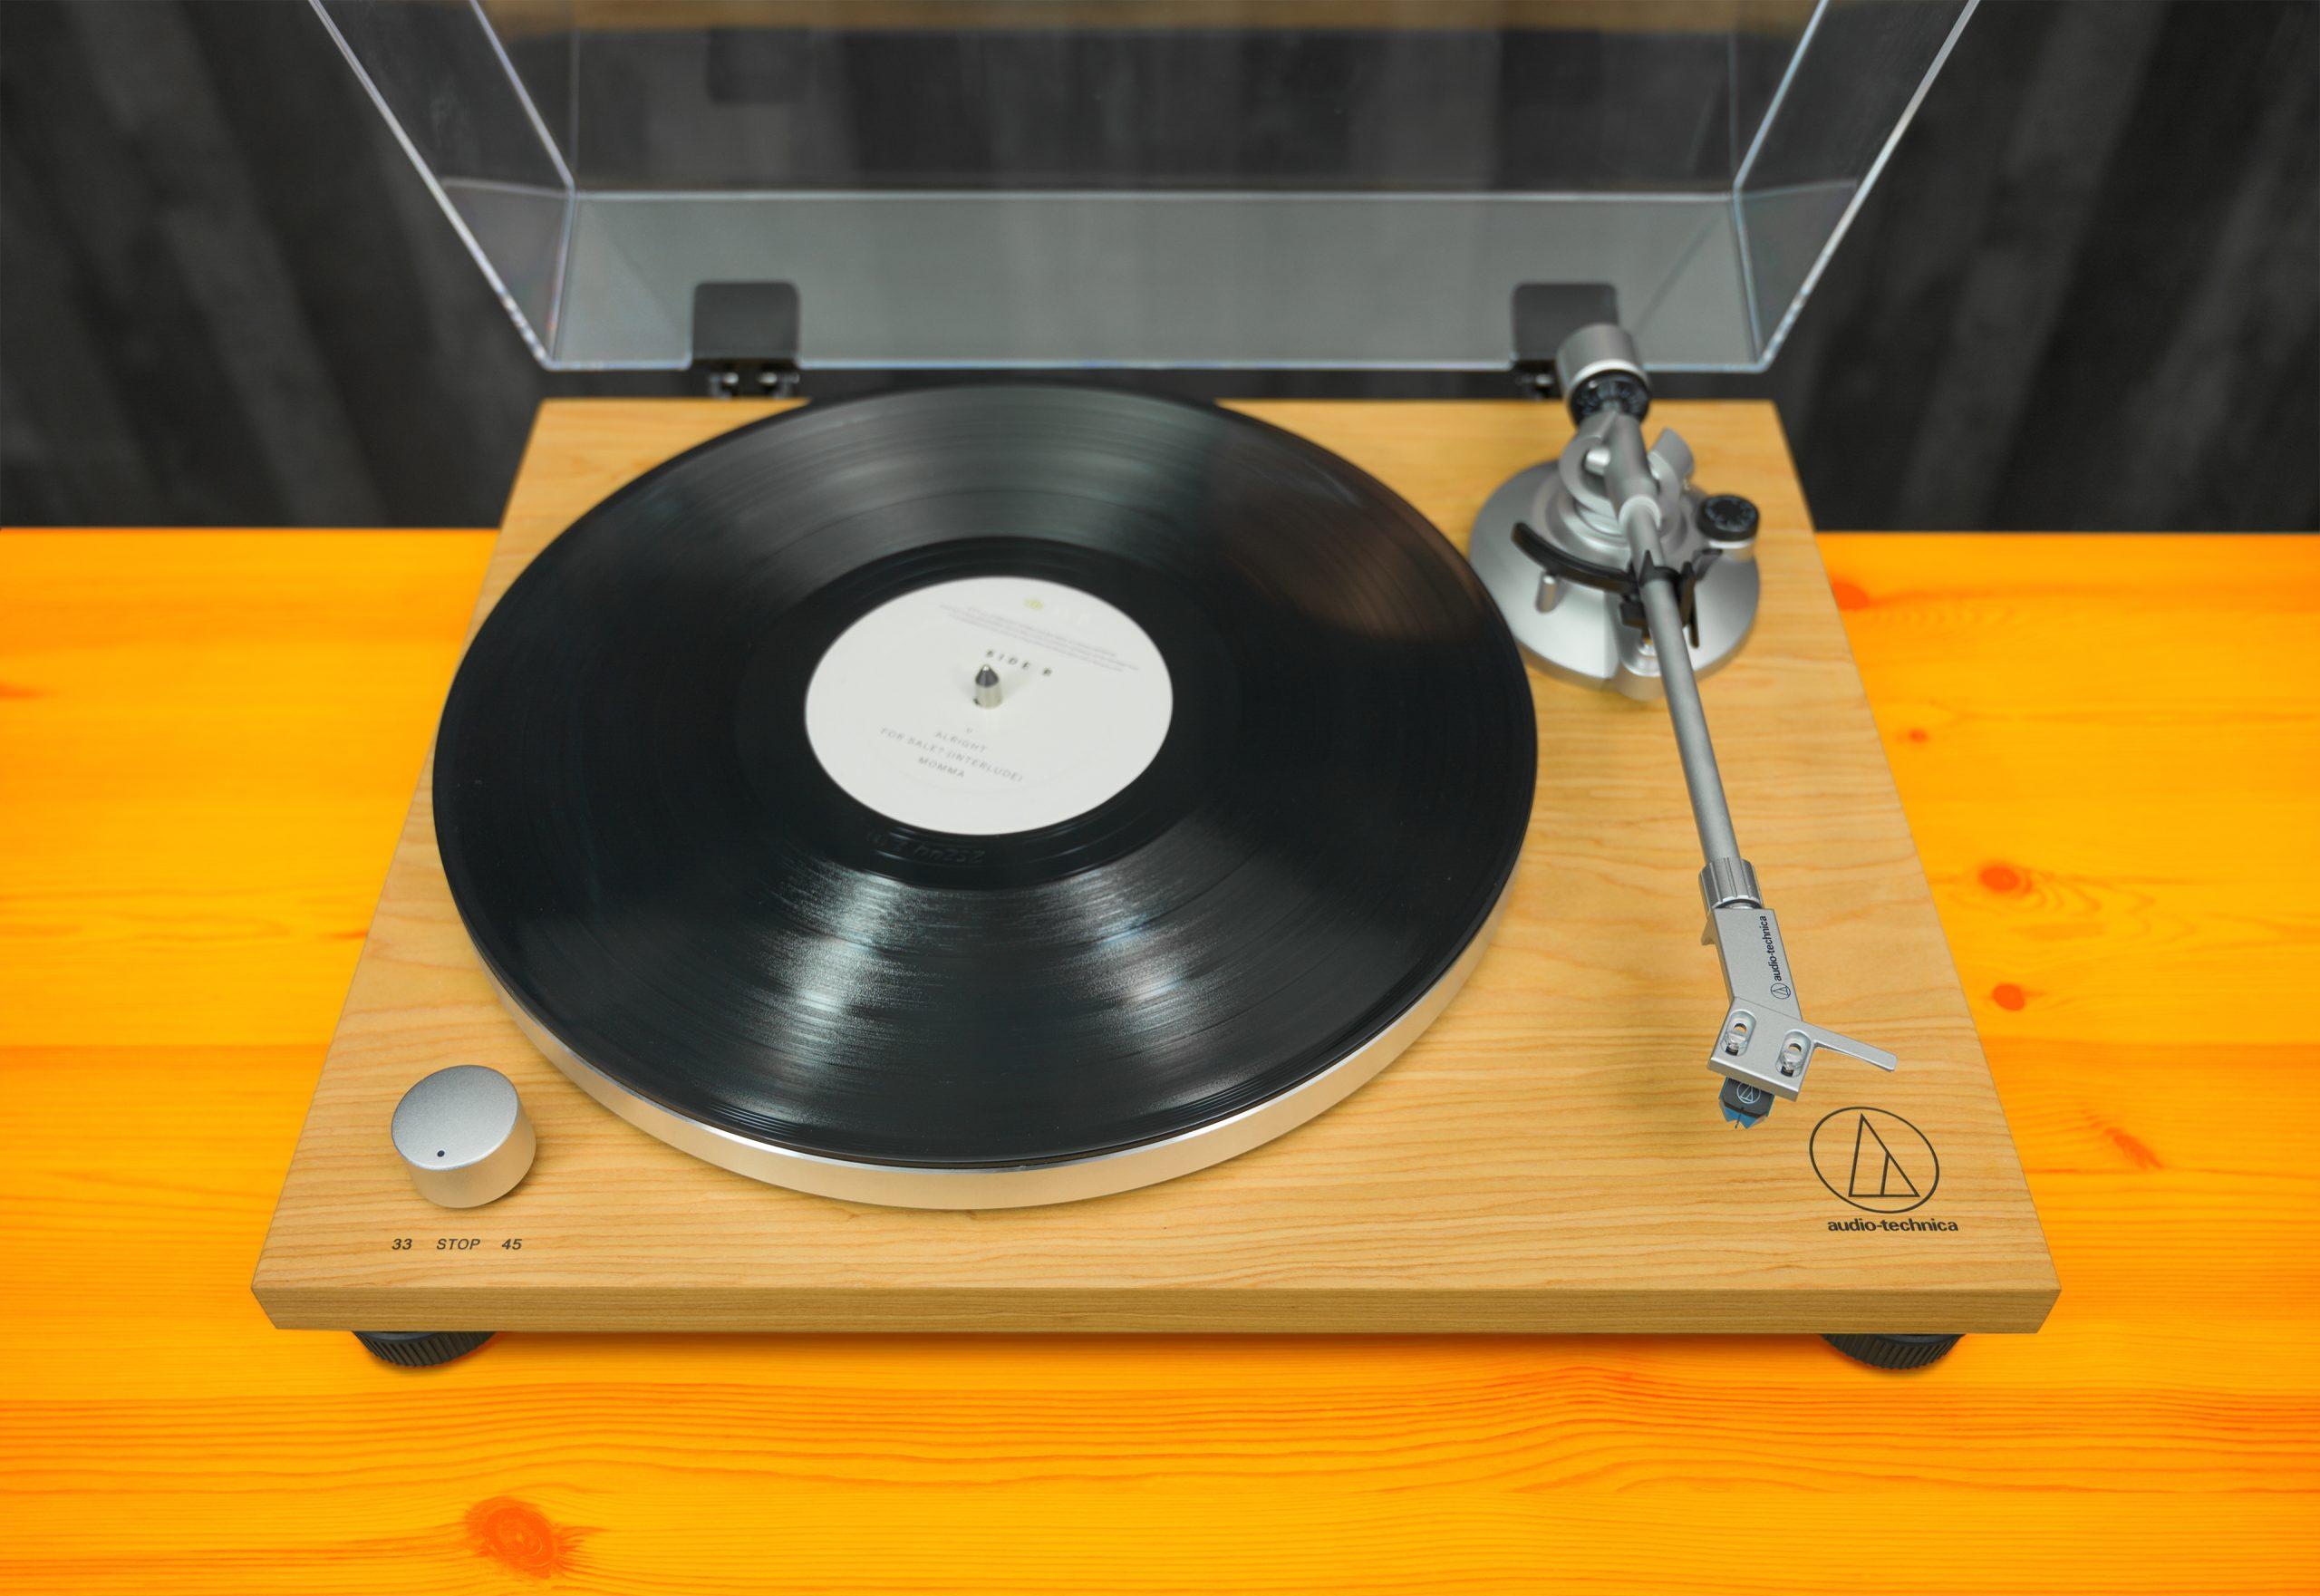 Vooraanzicht van de Audio-Technica AT-LPW30TK platenspeler.